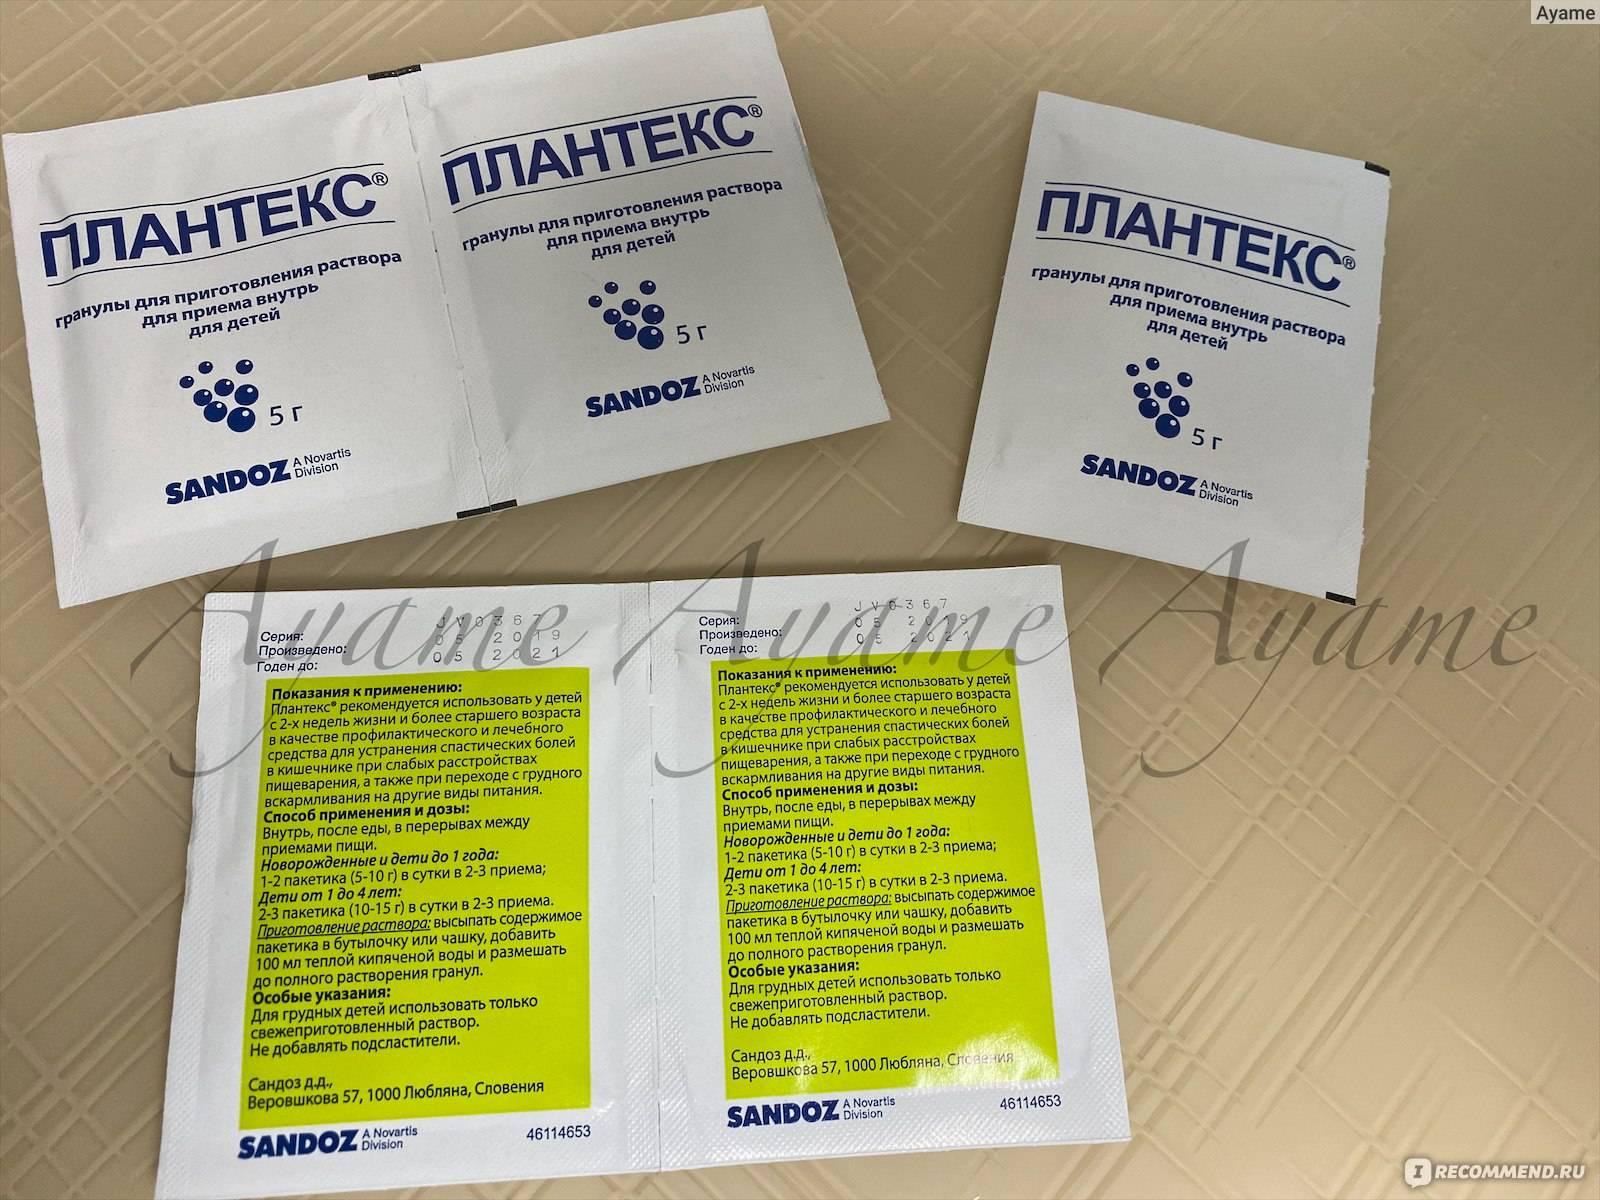 Без химических и синтетических добавок — чай от коликов плантекс для новорожденных: инструкция по применению, отзывы, цена по россии